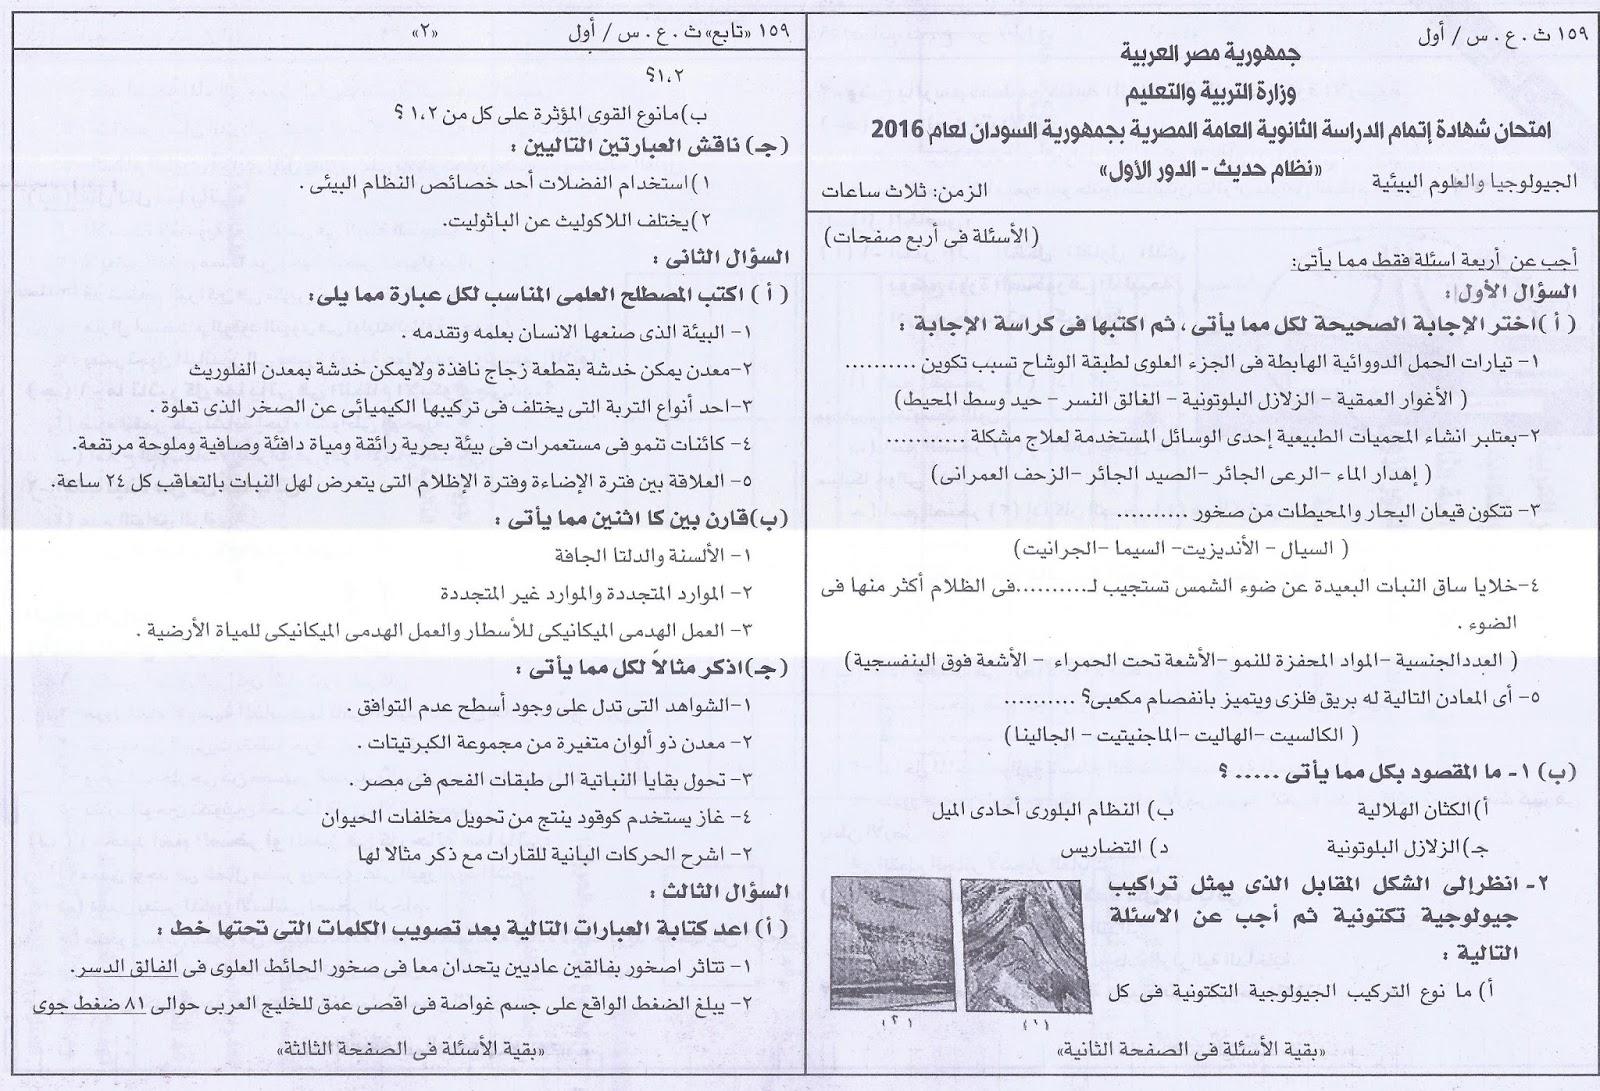 """امتحان 2016 فى الجيولوجيا والعلوم البيئية للثانوية العامة بـ""""السودان"""" + نموذج الاجابة 4"""